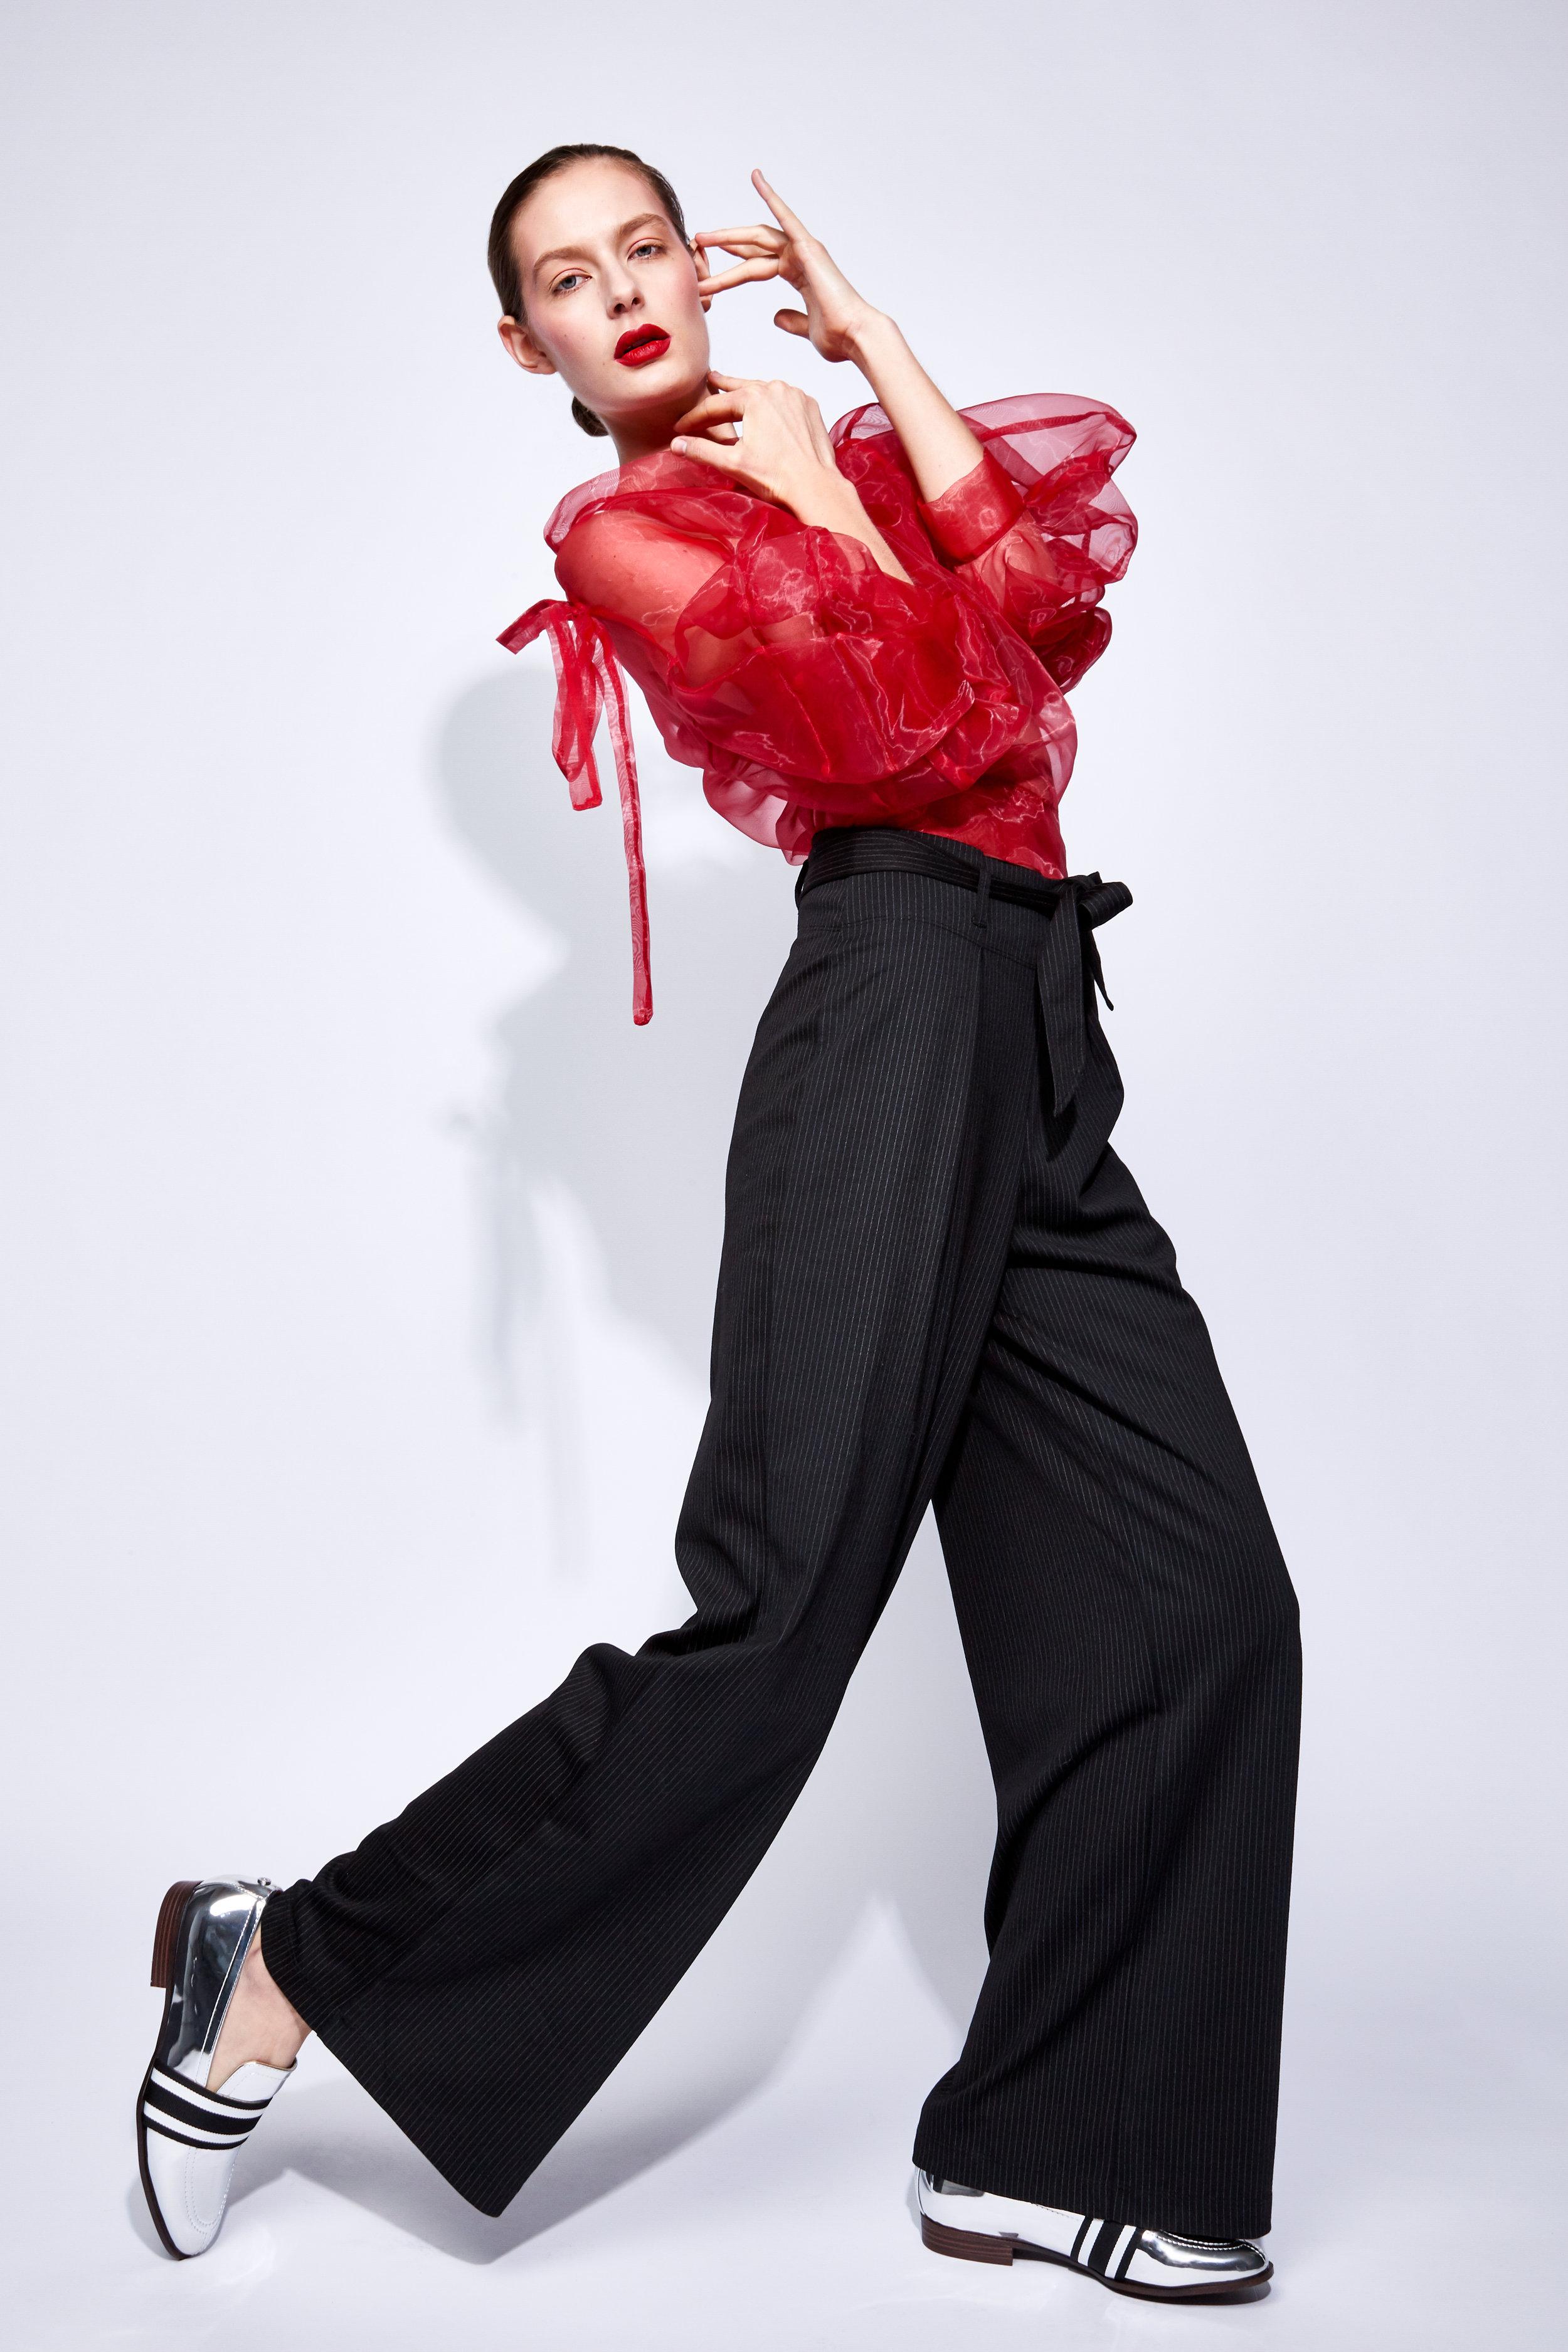 Sophia Vetro by Christie Vuong 3.jpg